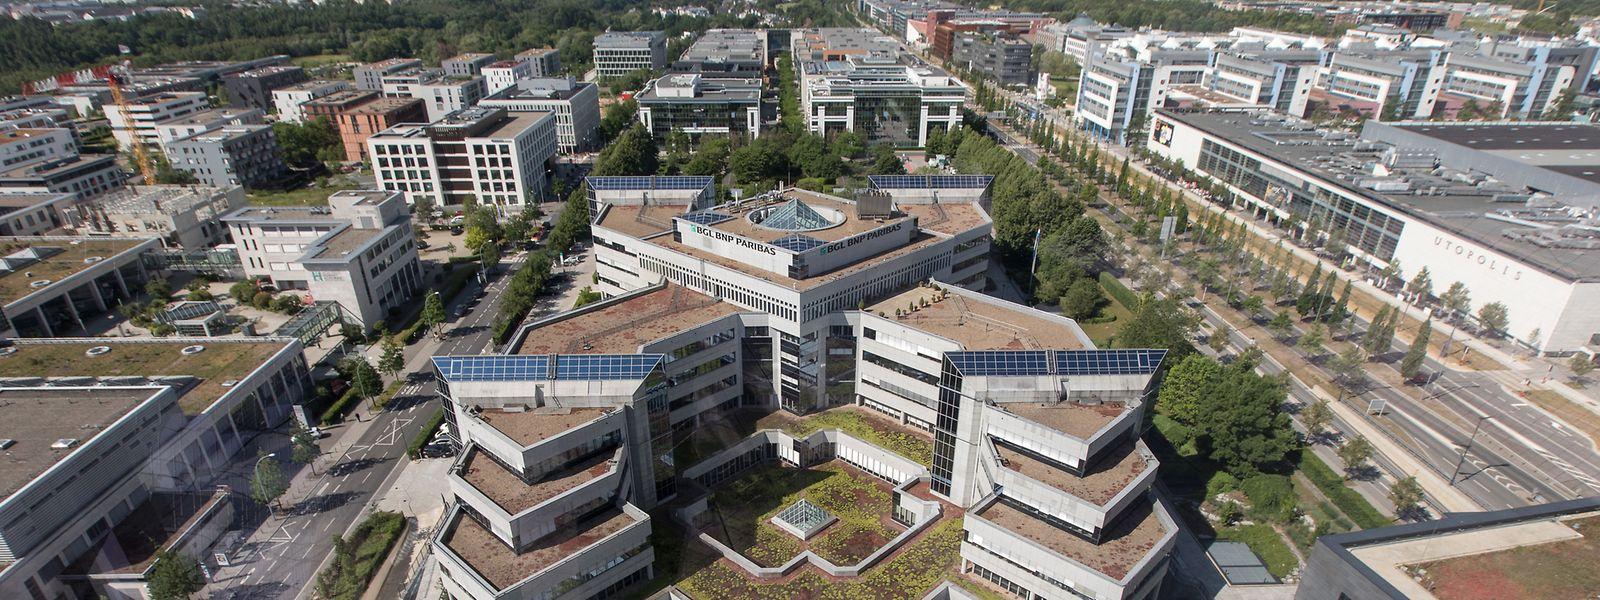 Architektonisches Wahrzeichen: Blick von den beiden neuen Türmen aus auf den 1995 fertiggestellten Hauptsitz von BGL BNP Paribas auf Kirchberg.